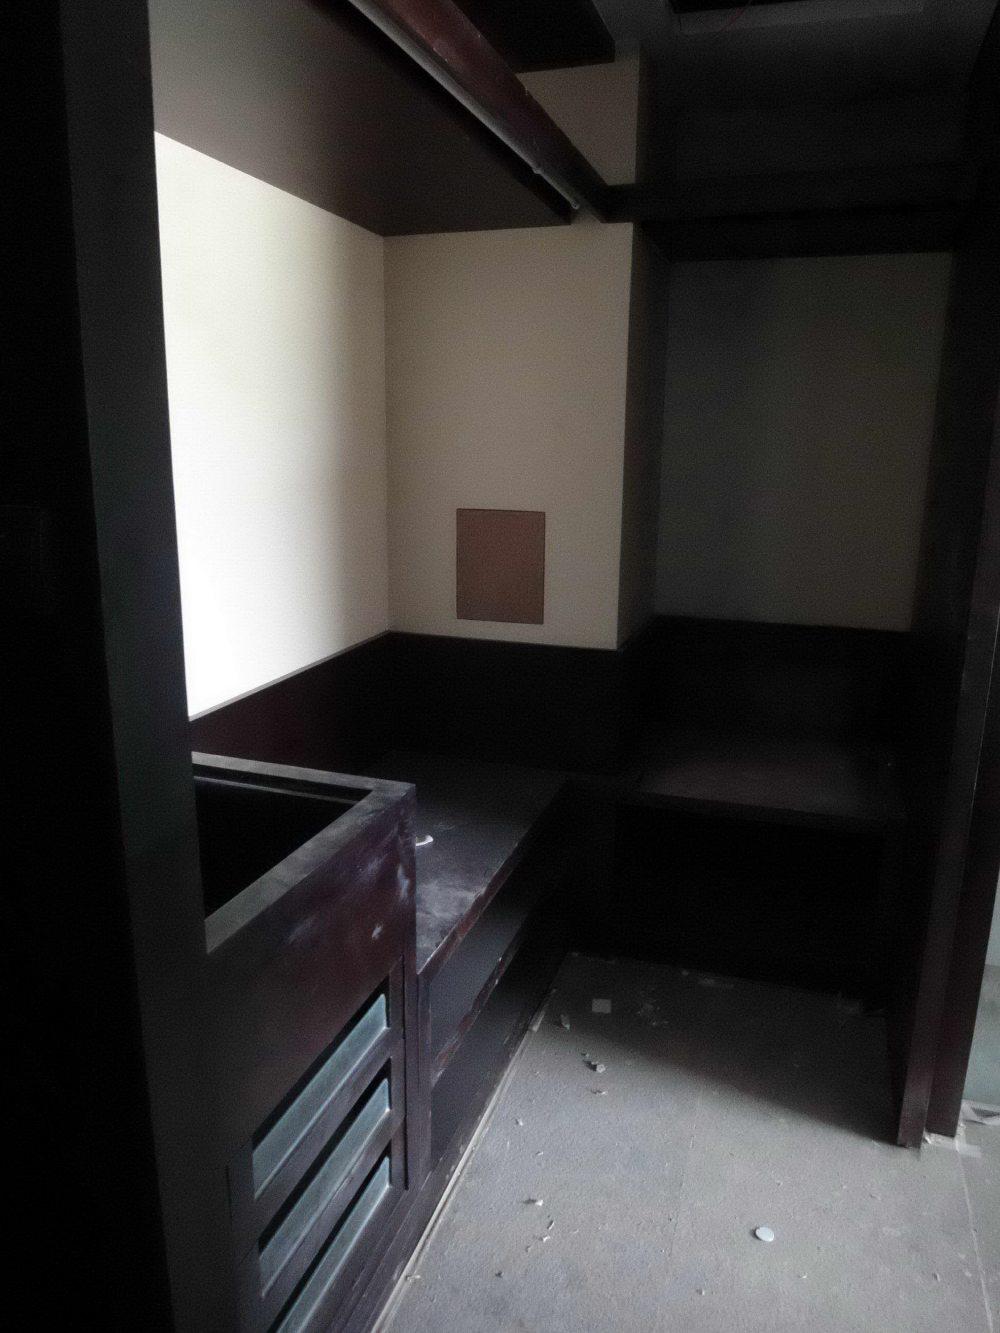 云南丽江铂尔曼渡假酒店(Lijiang Pullman Hotel)(CCD)(第8页更新)_DSC05235.jpg